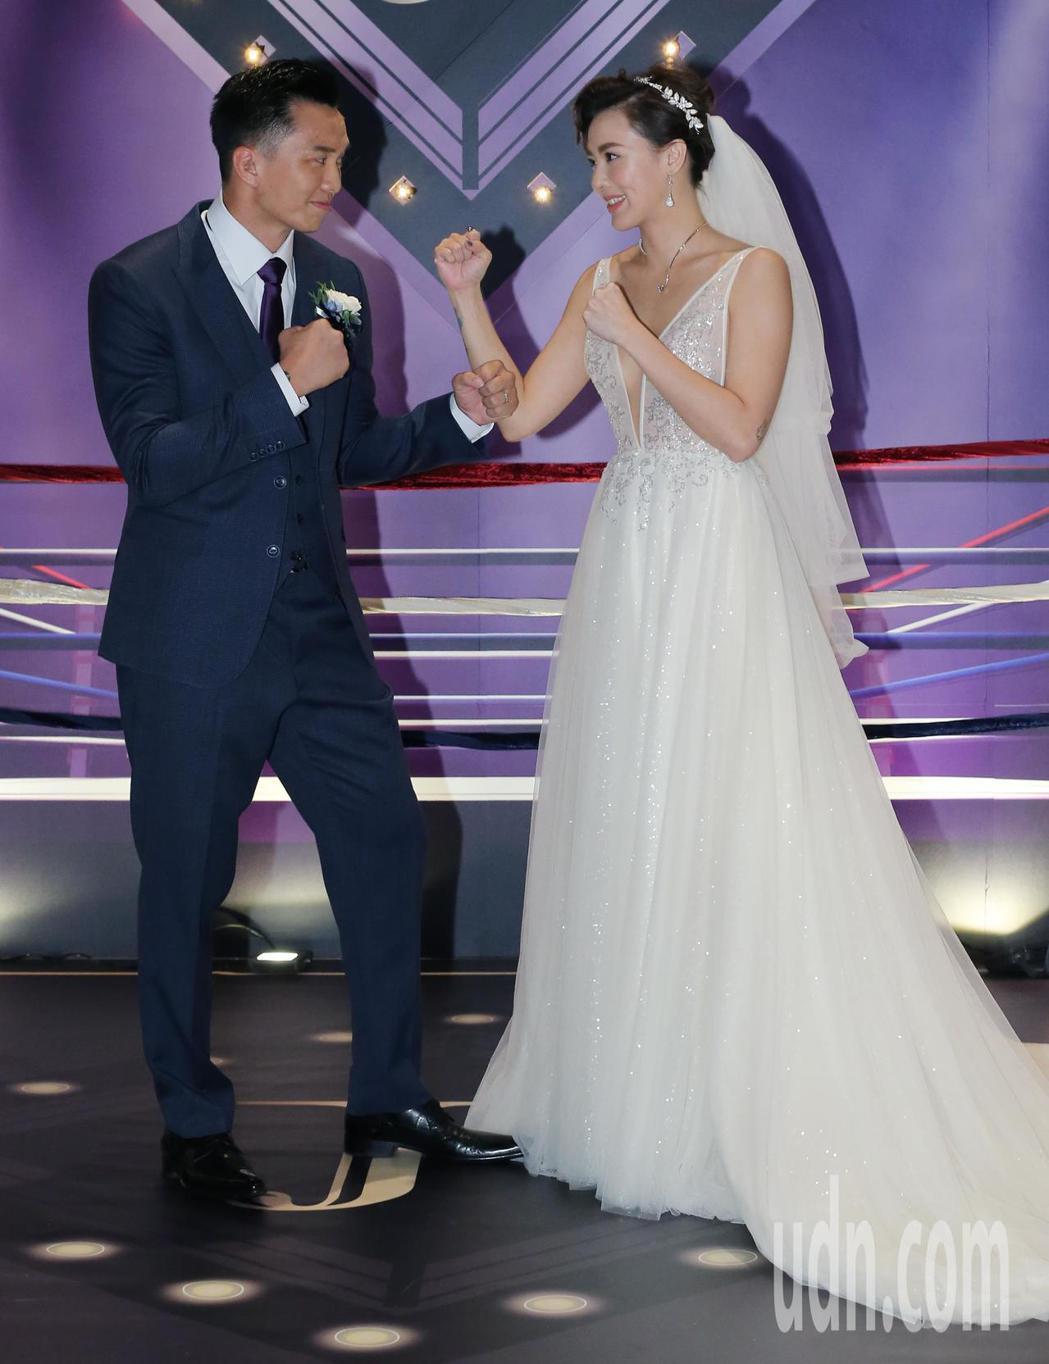 藝人劉雨柔與健身教練黃育仁舉辦婚禮。記者許正宏/攝影